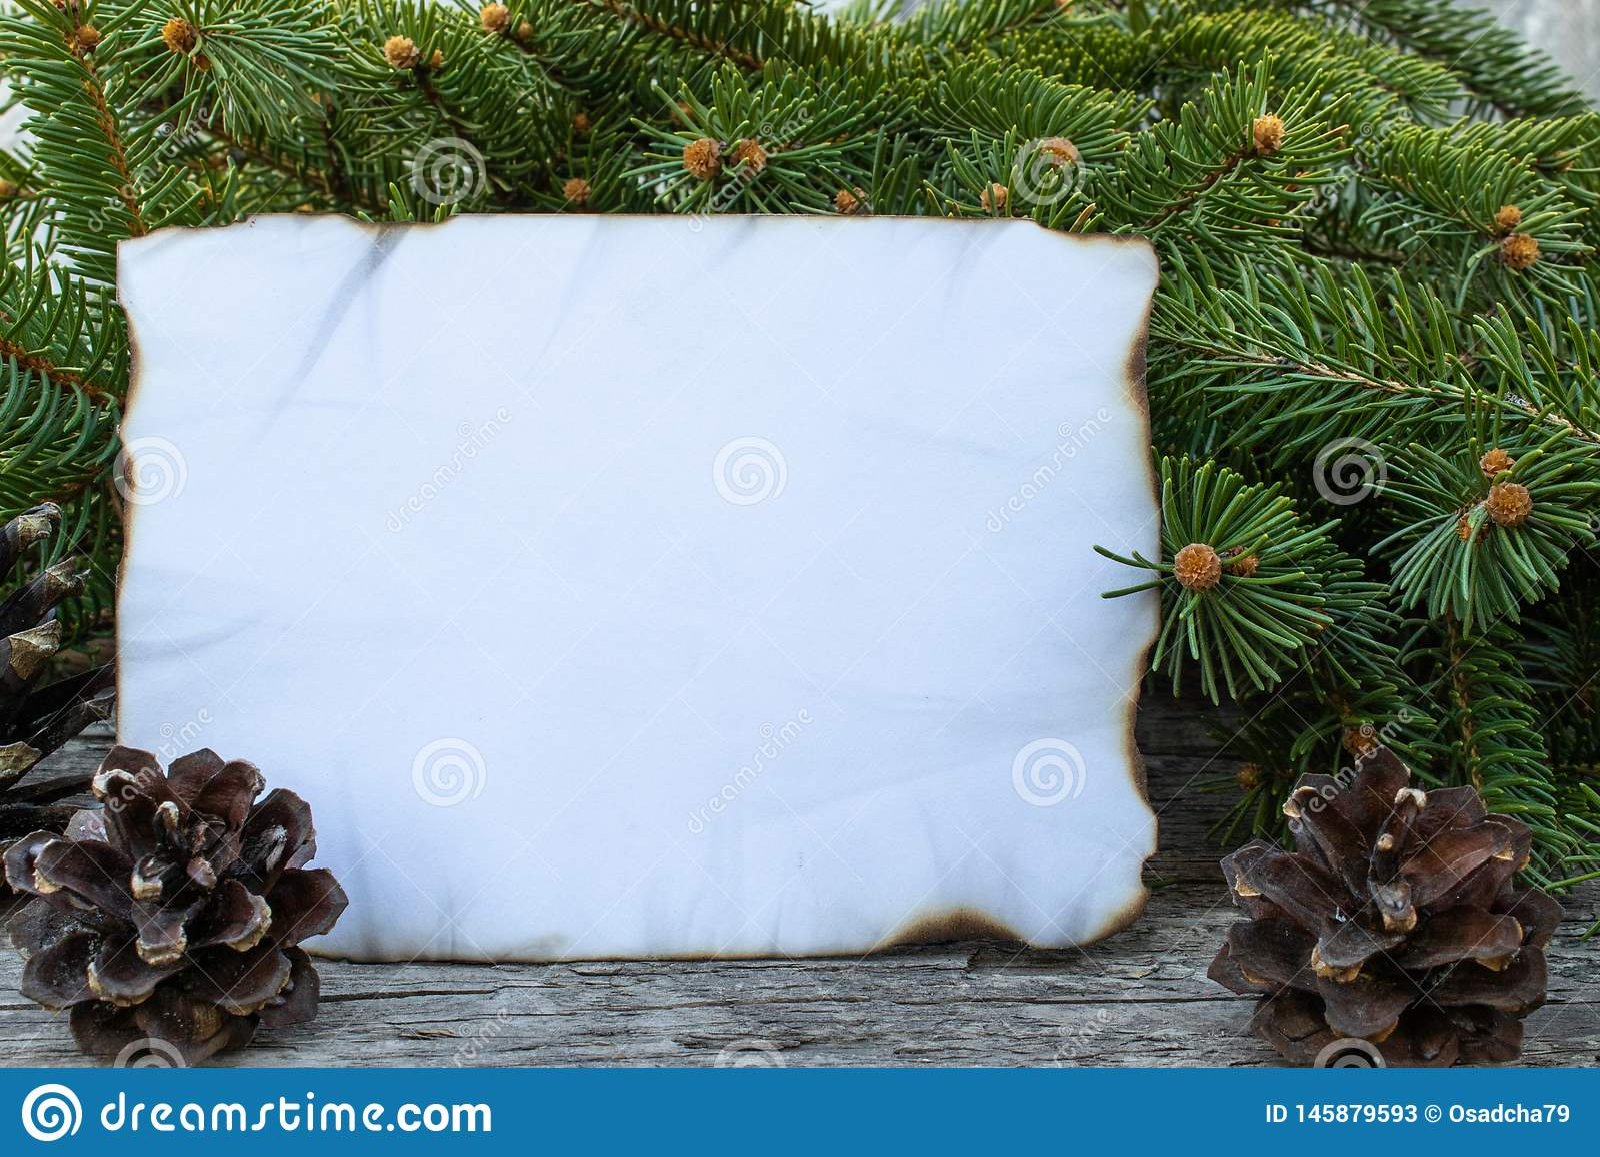 Biały prześcieradło papier palił wzdłuż zieleni gałąź choinka na tle i krawędzi stare, drewniane deski,